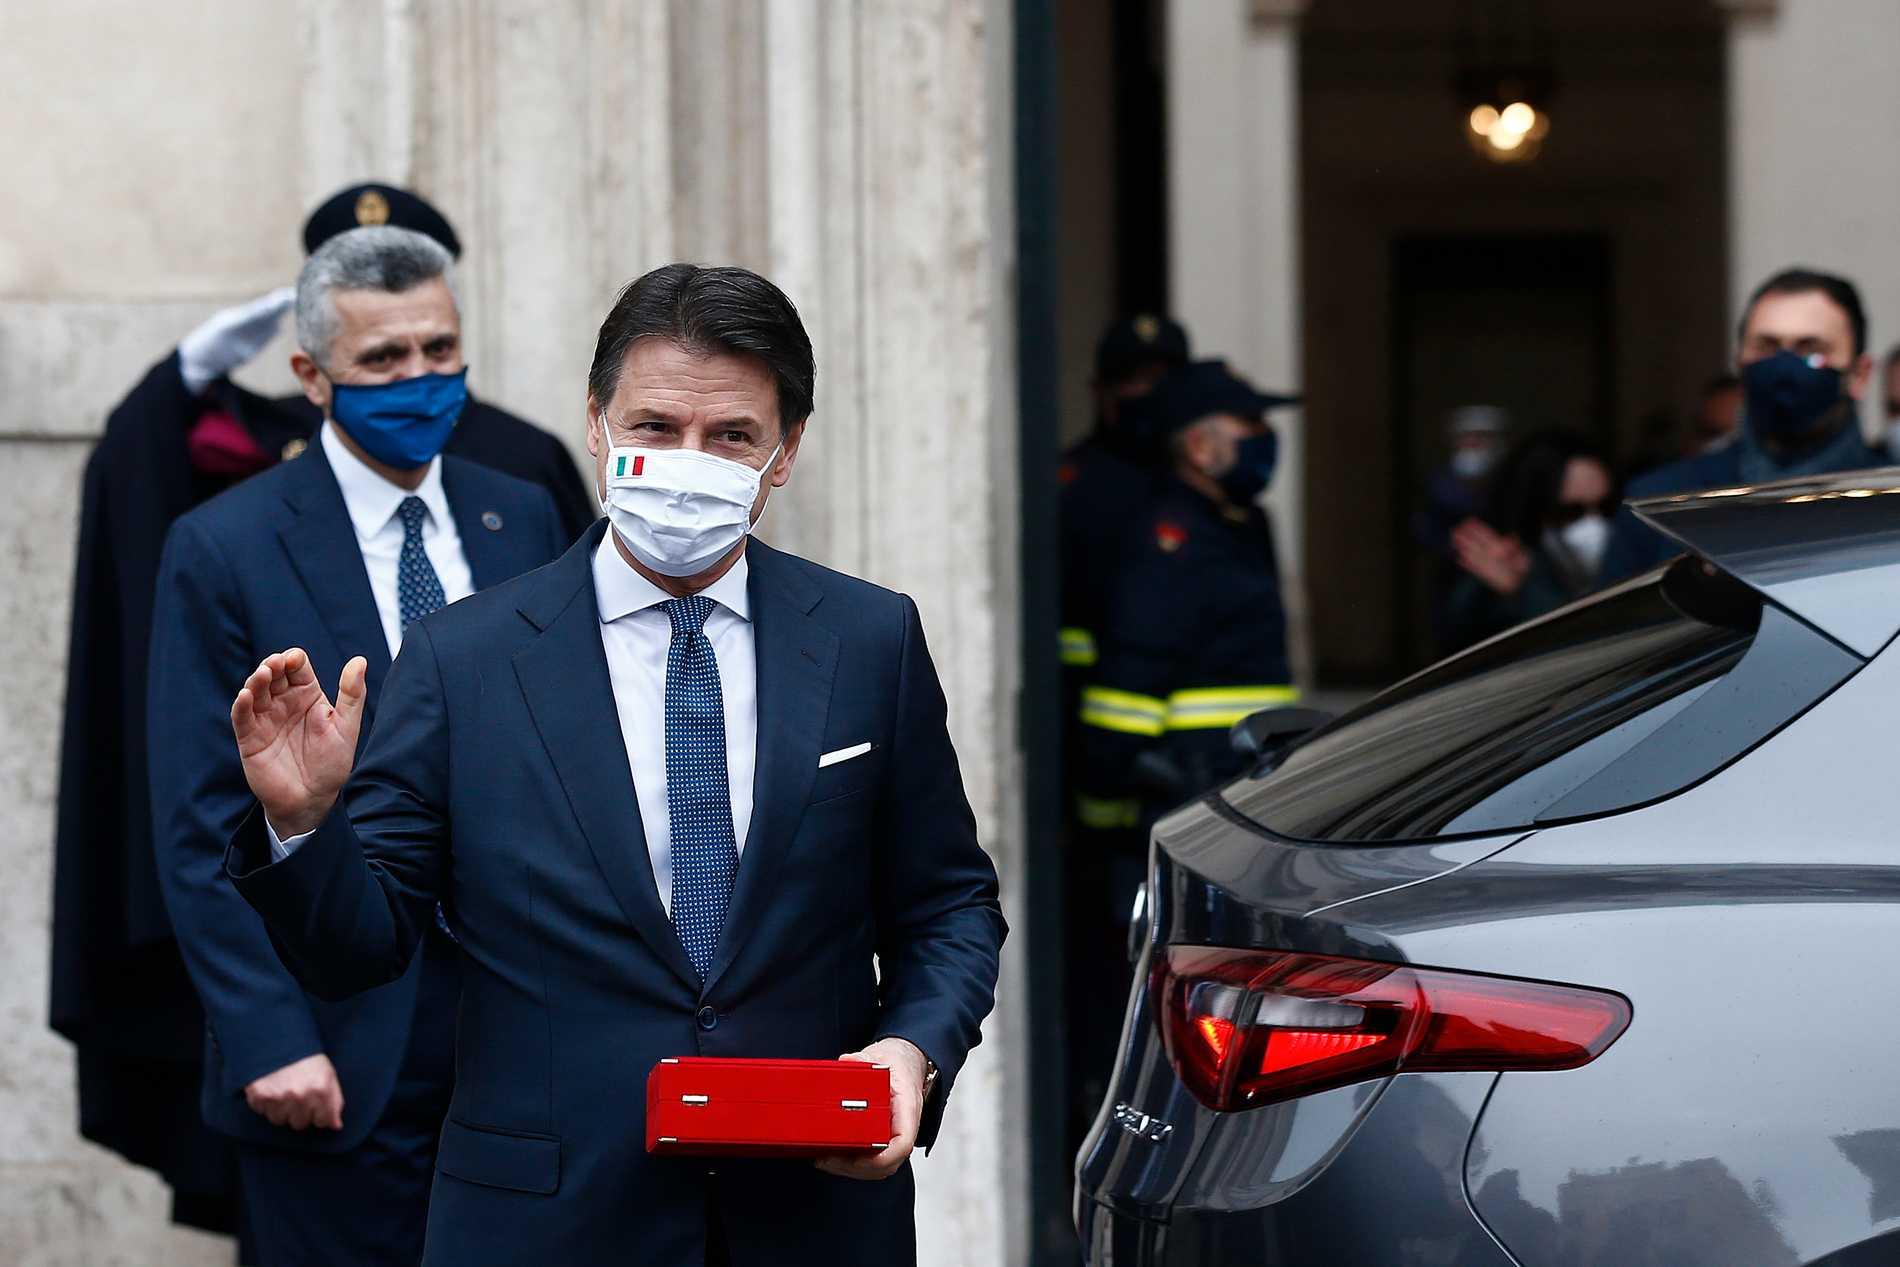 Giuseppe Conte när han avgått som premiärminister i februari i år. Nu har han utsetts till ledare för Femstjärnerörelsen. Arkivbild